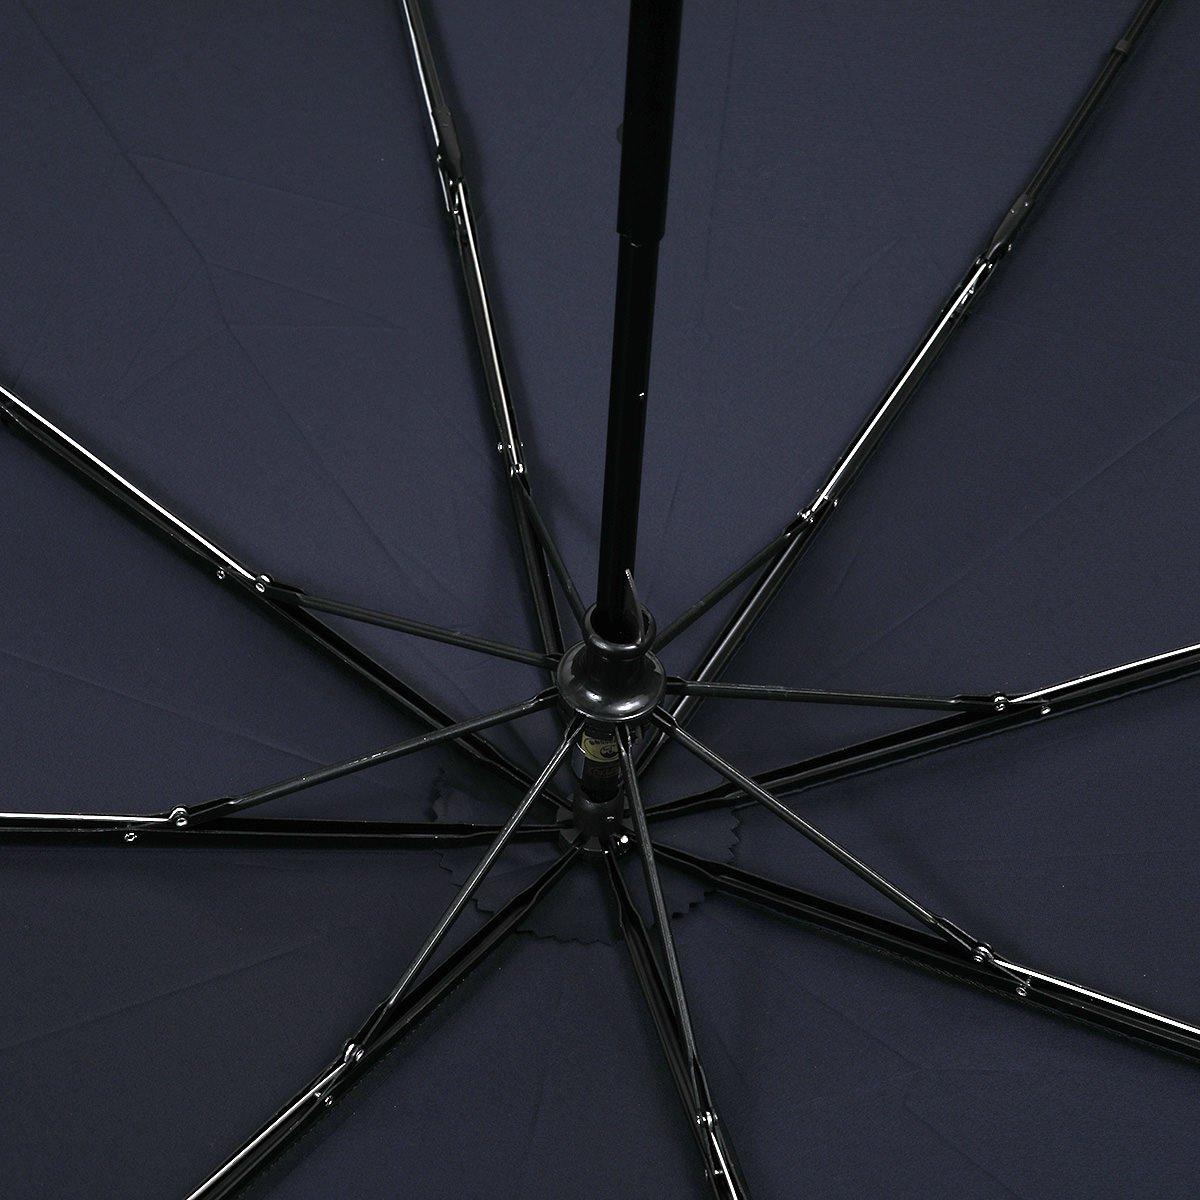 【公式限定】強力撥水 レインドロップ レクタス 耐風骨 レディース 折りたたみ傘 詳細画像9